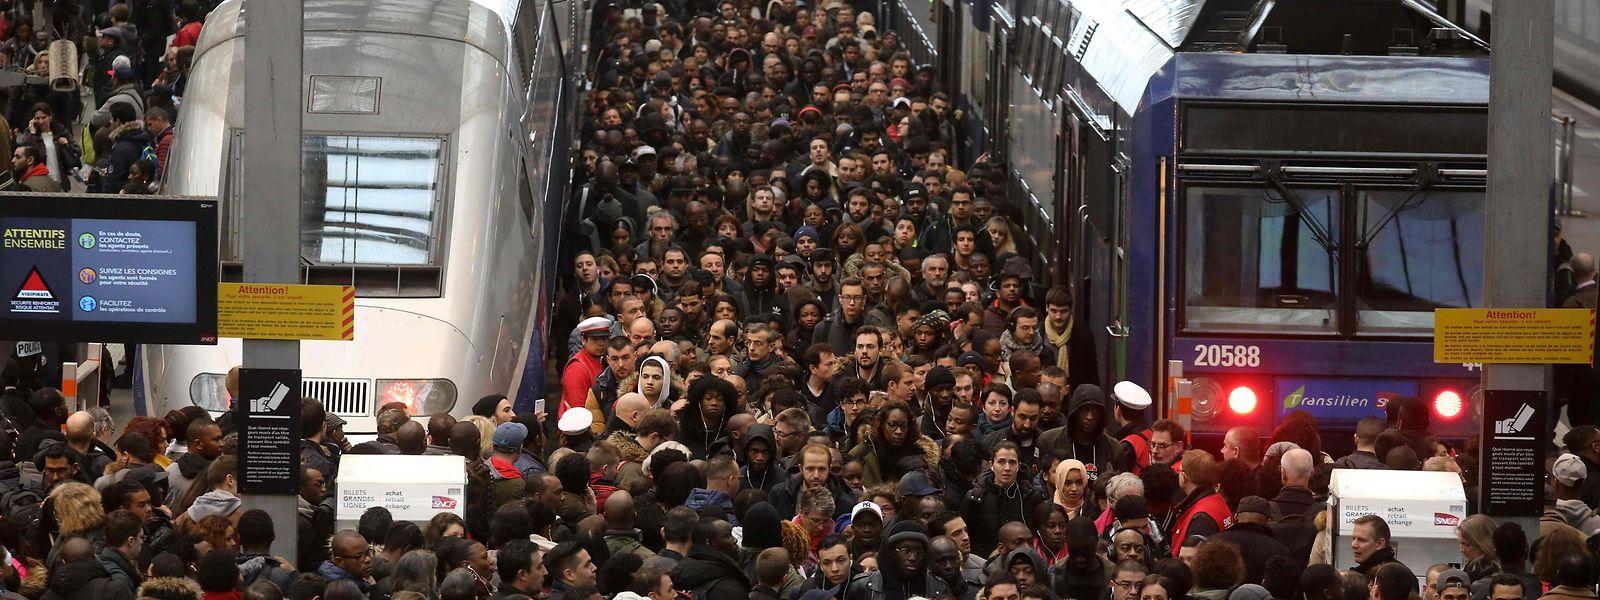 Die Bahnsteige waren teilweise hoffnungslos überfüllt.